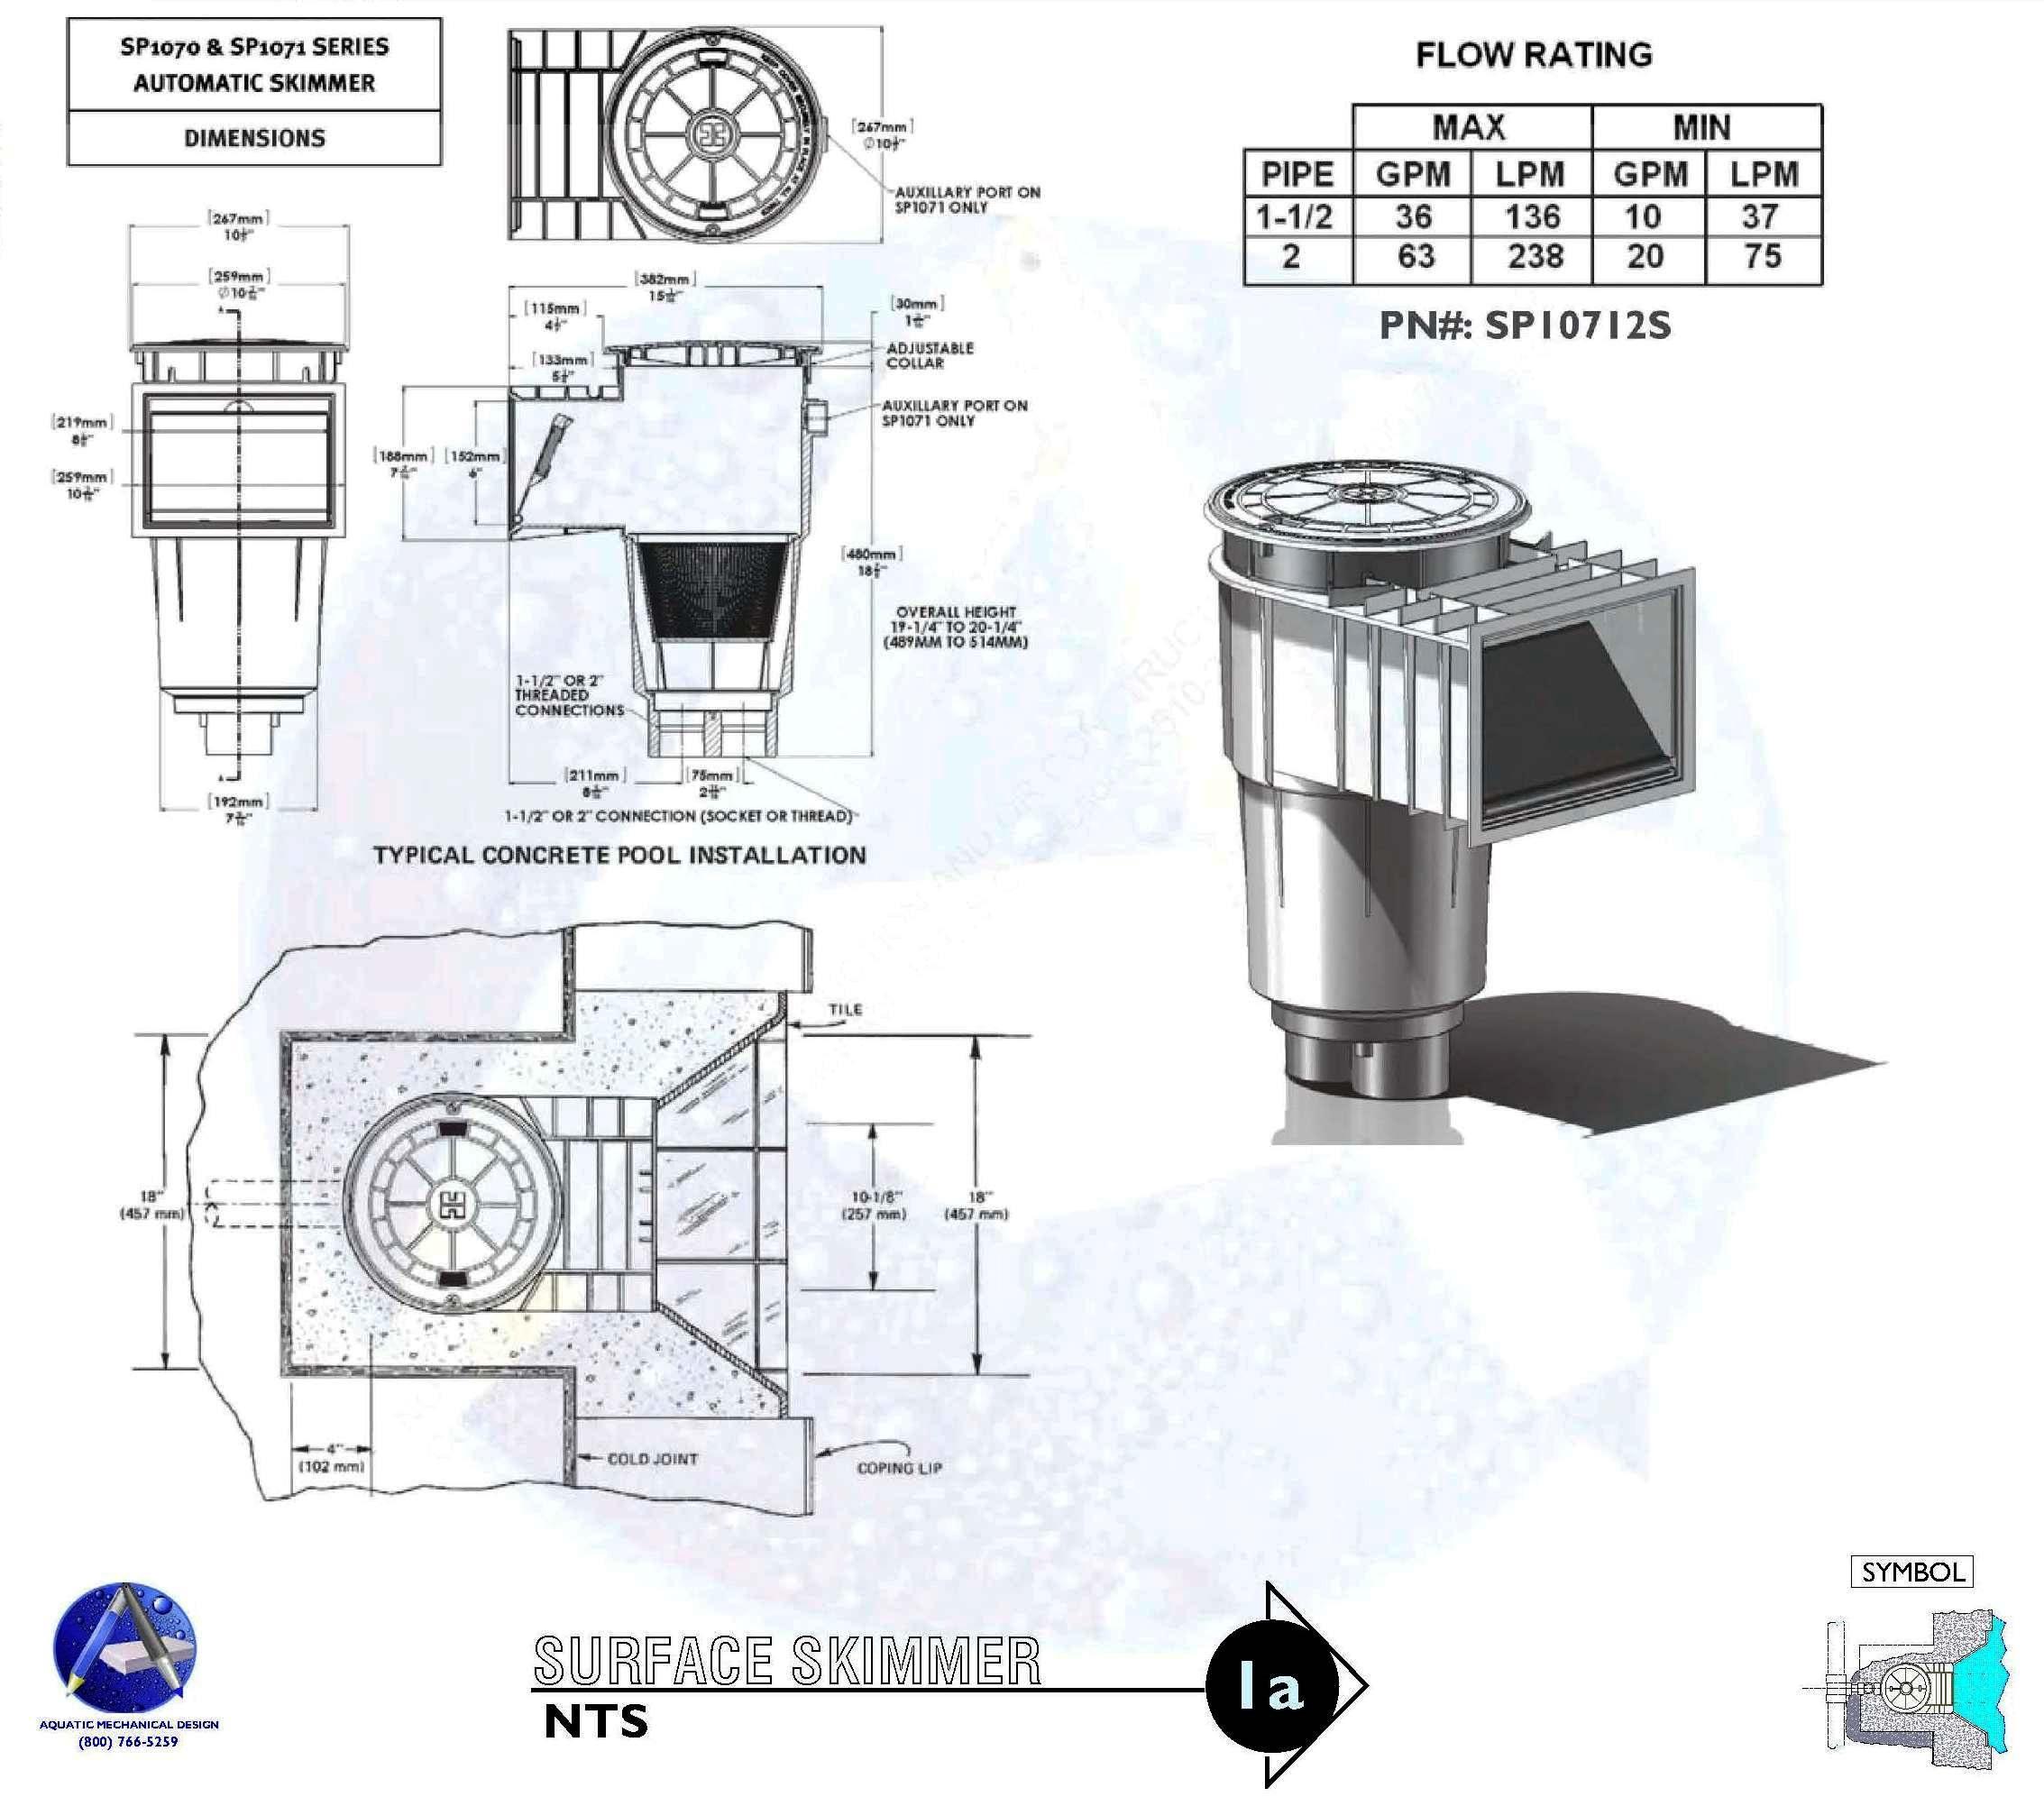 1a Skimmer Installation Detail